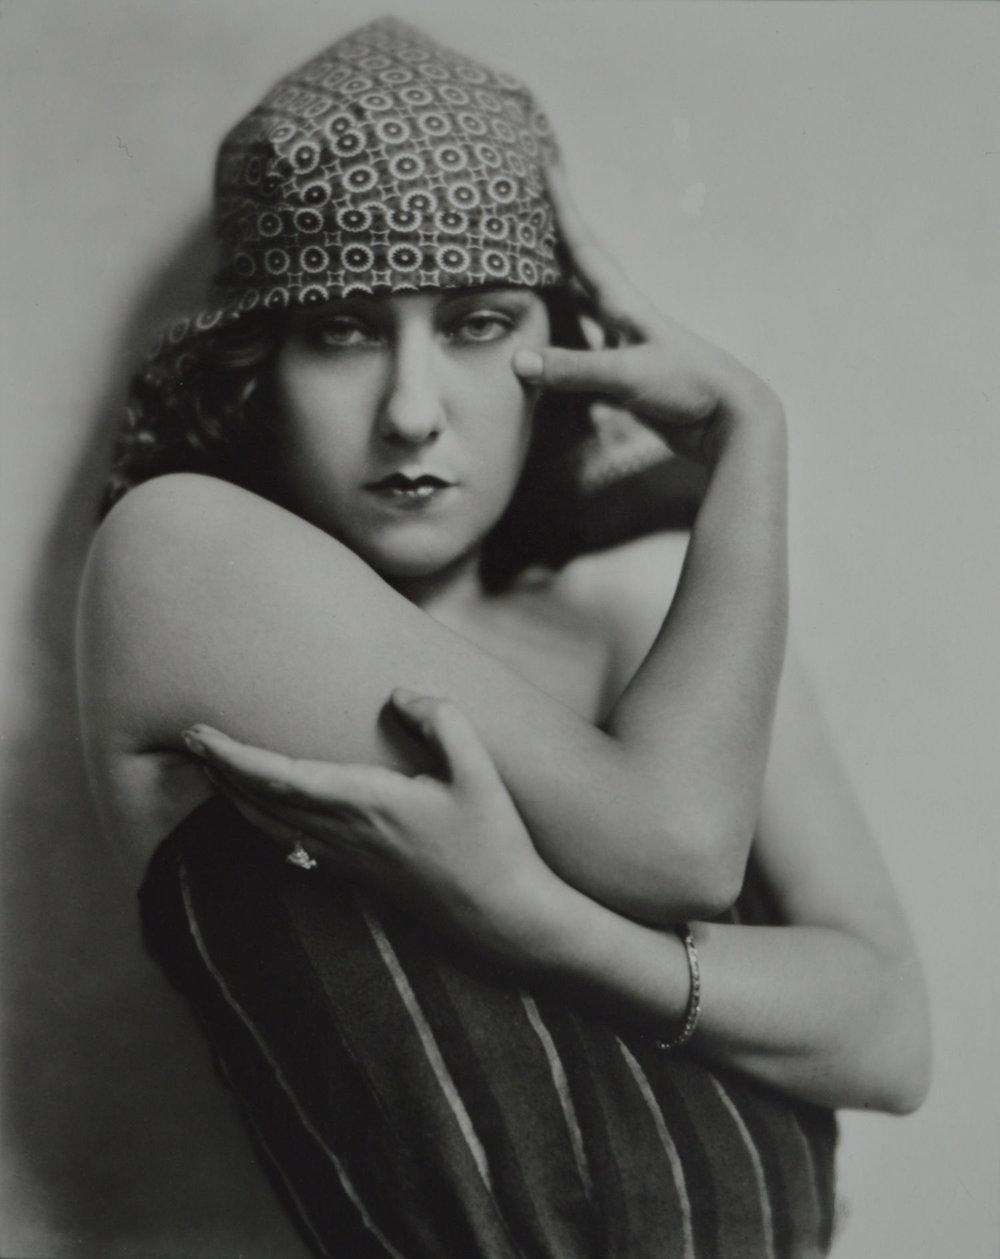 Judith Richter Nude nickolas muray (1892 - 1965) — brier hill gallery